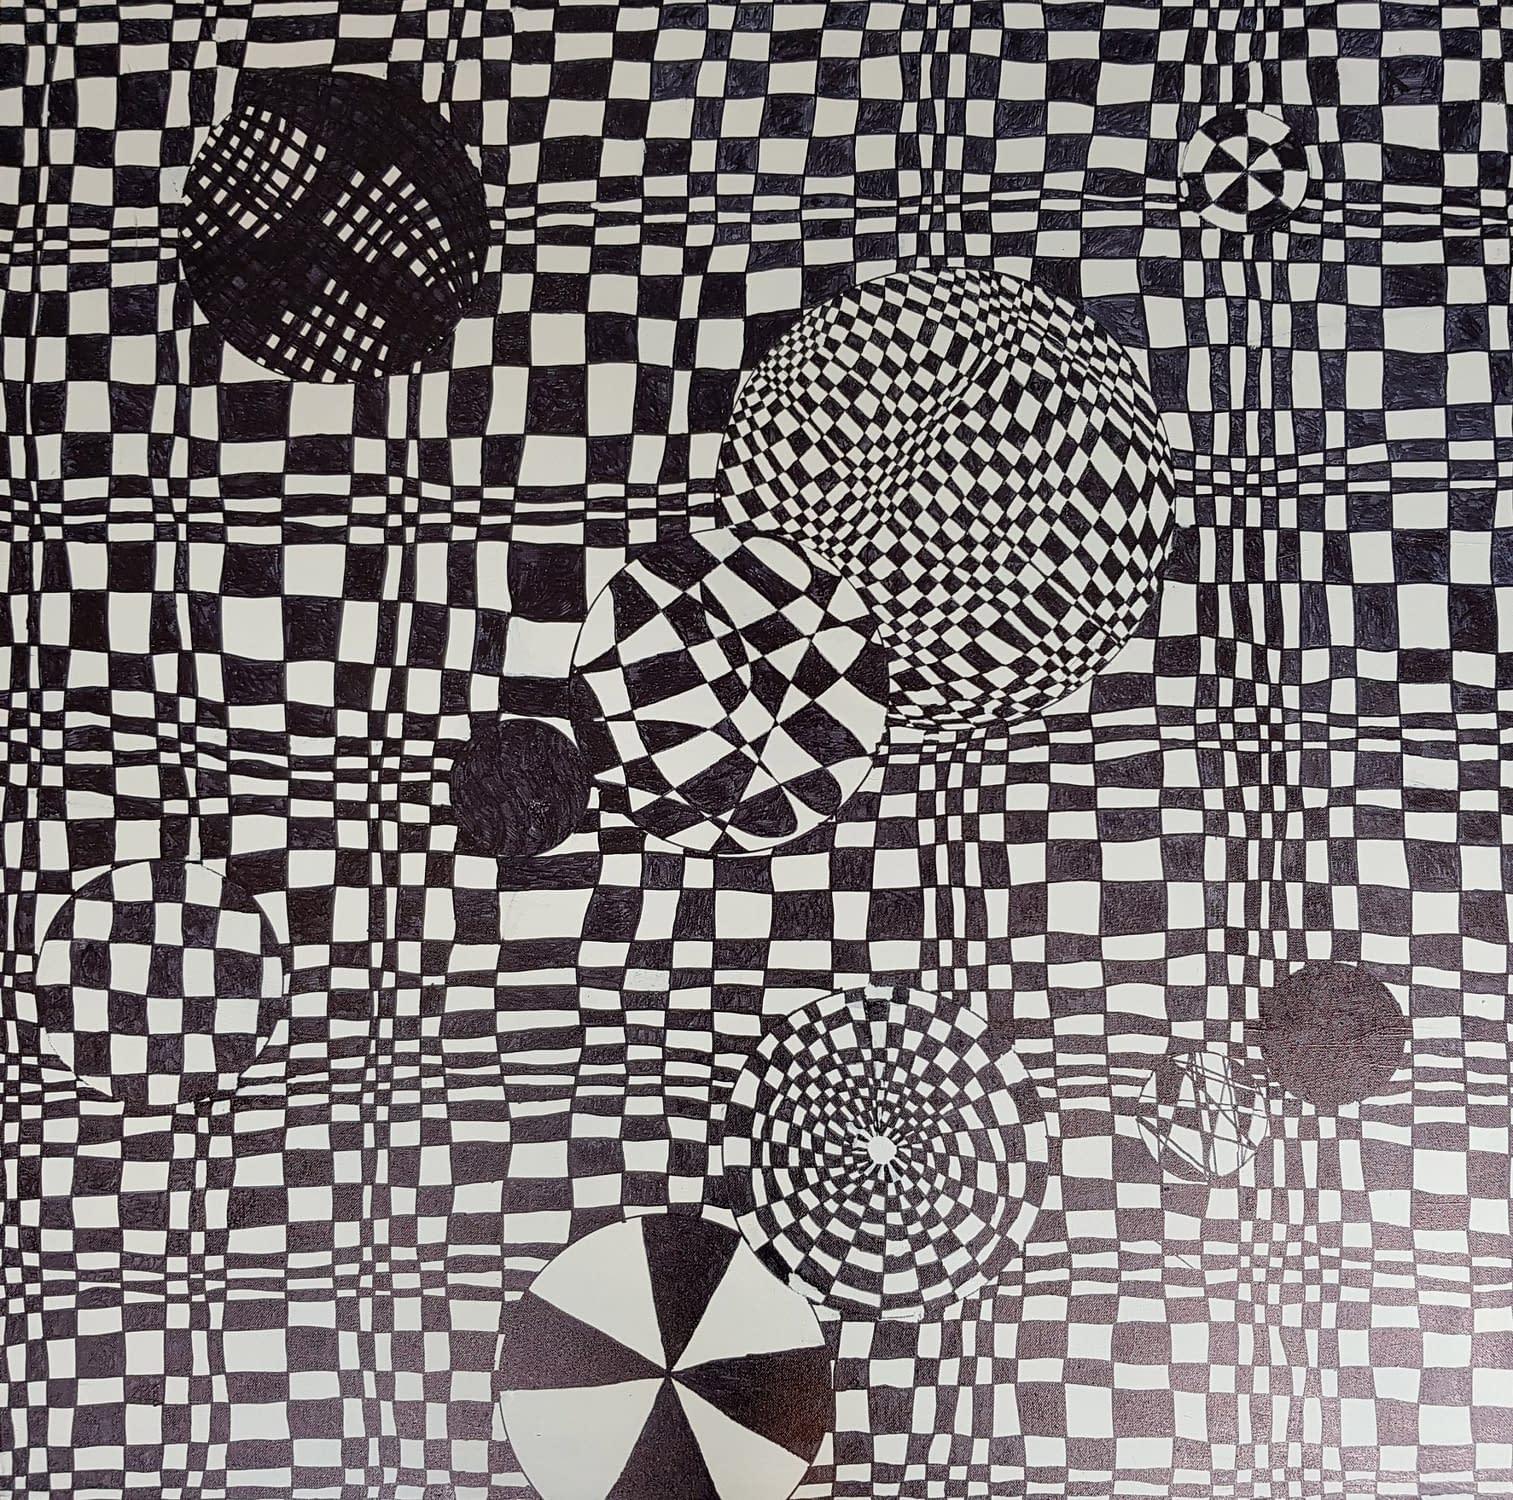 Karen Usborne Artist London